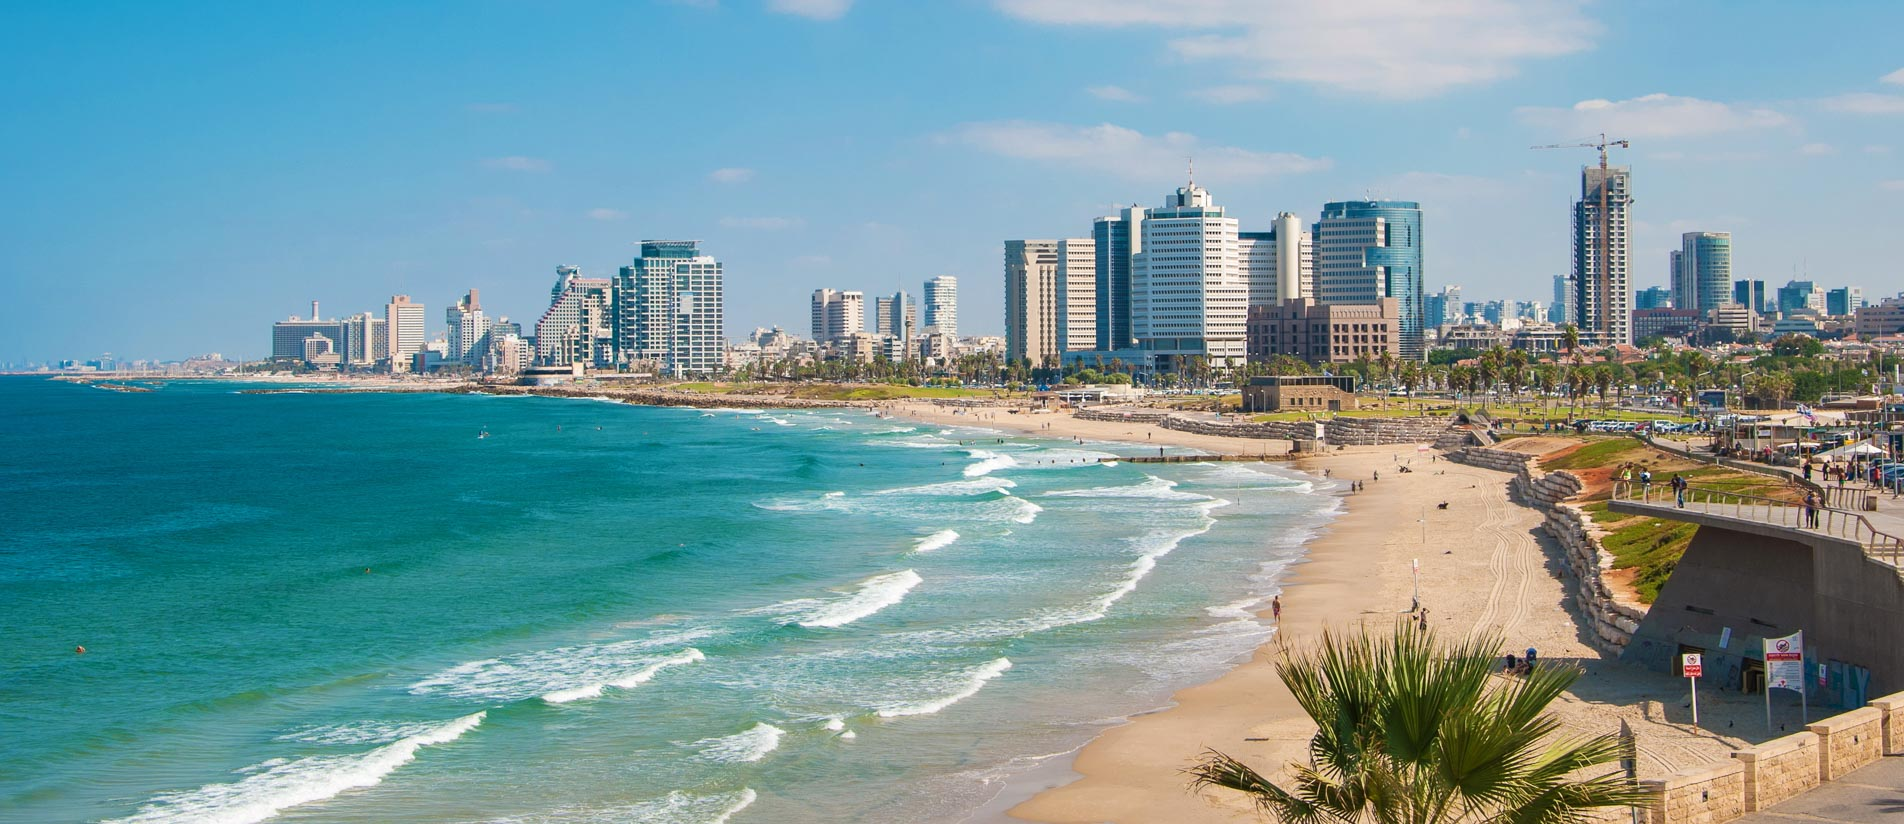 Вид на жительство в израиле тель а вив